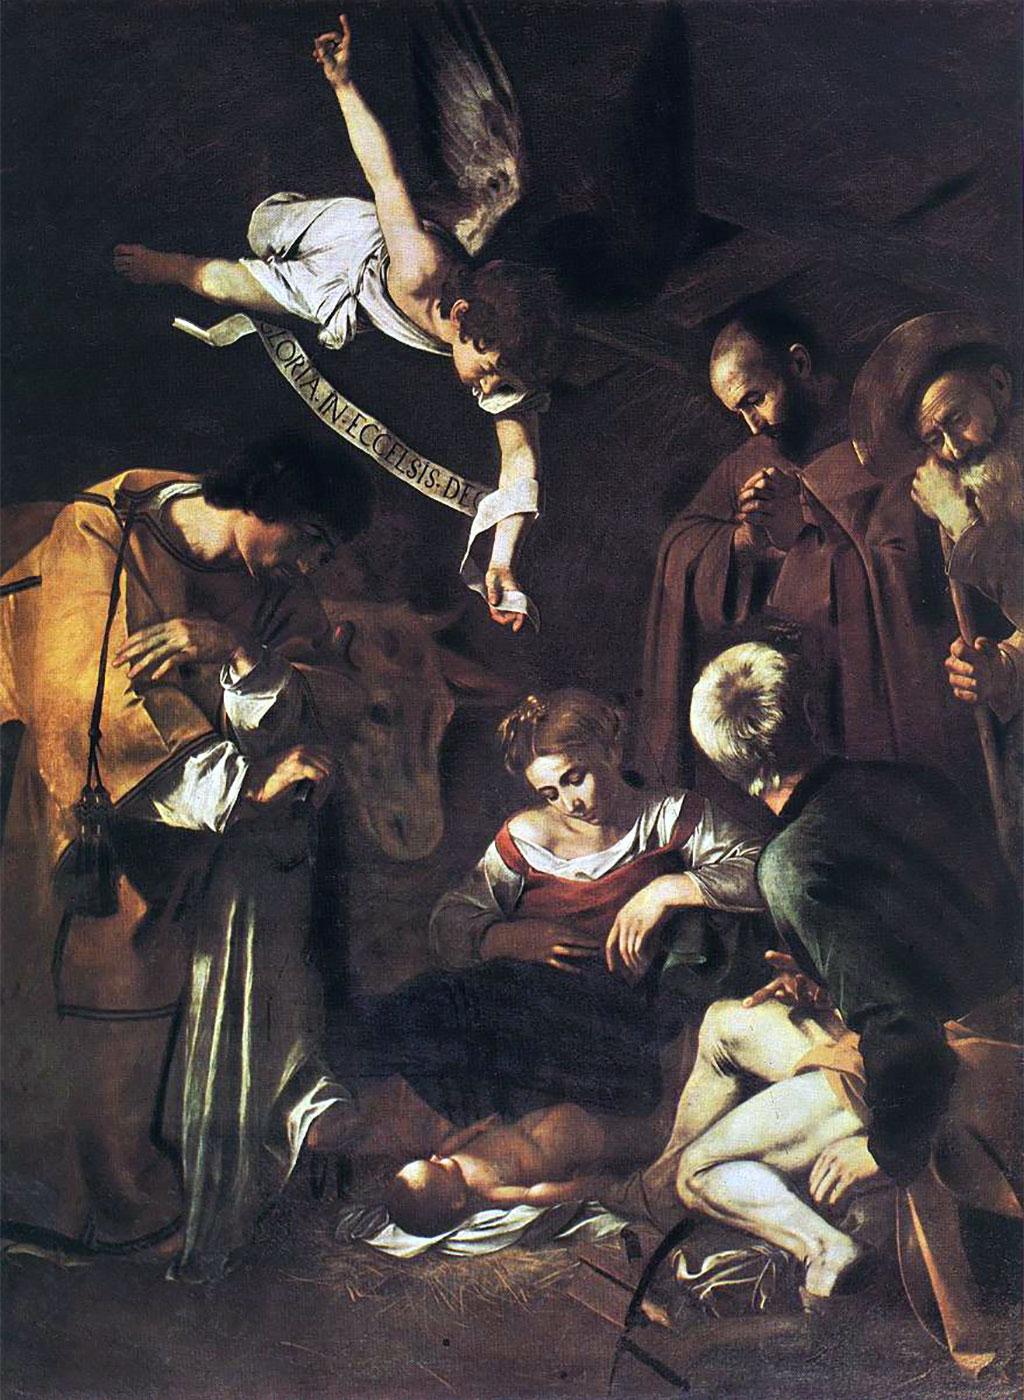 Natività coi Santi Lorenzo e Francesco d'Assisi, opera di Caravaggio